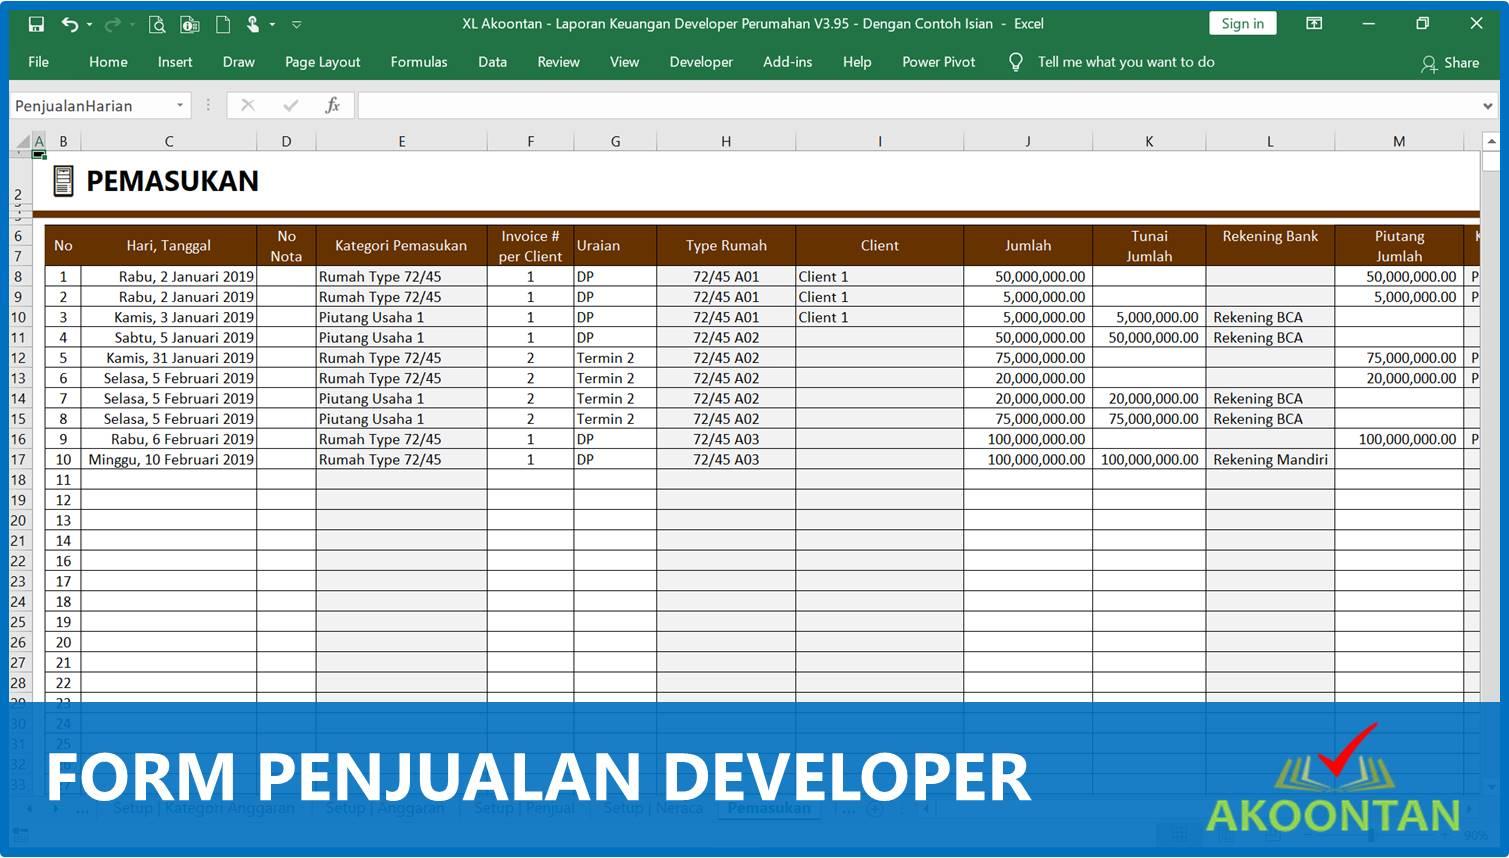 Form Penjualan Developer Perumahan - Akuntansi-ID